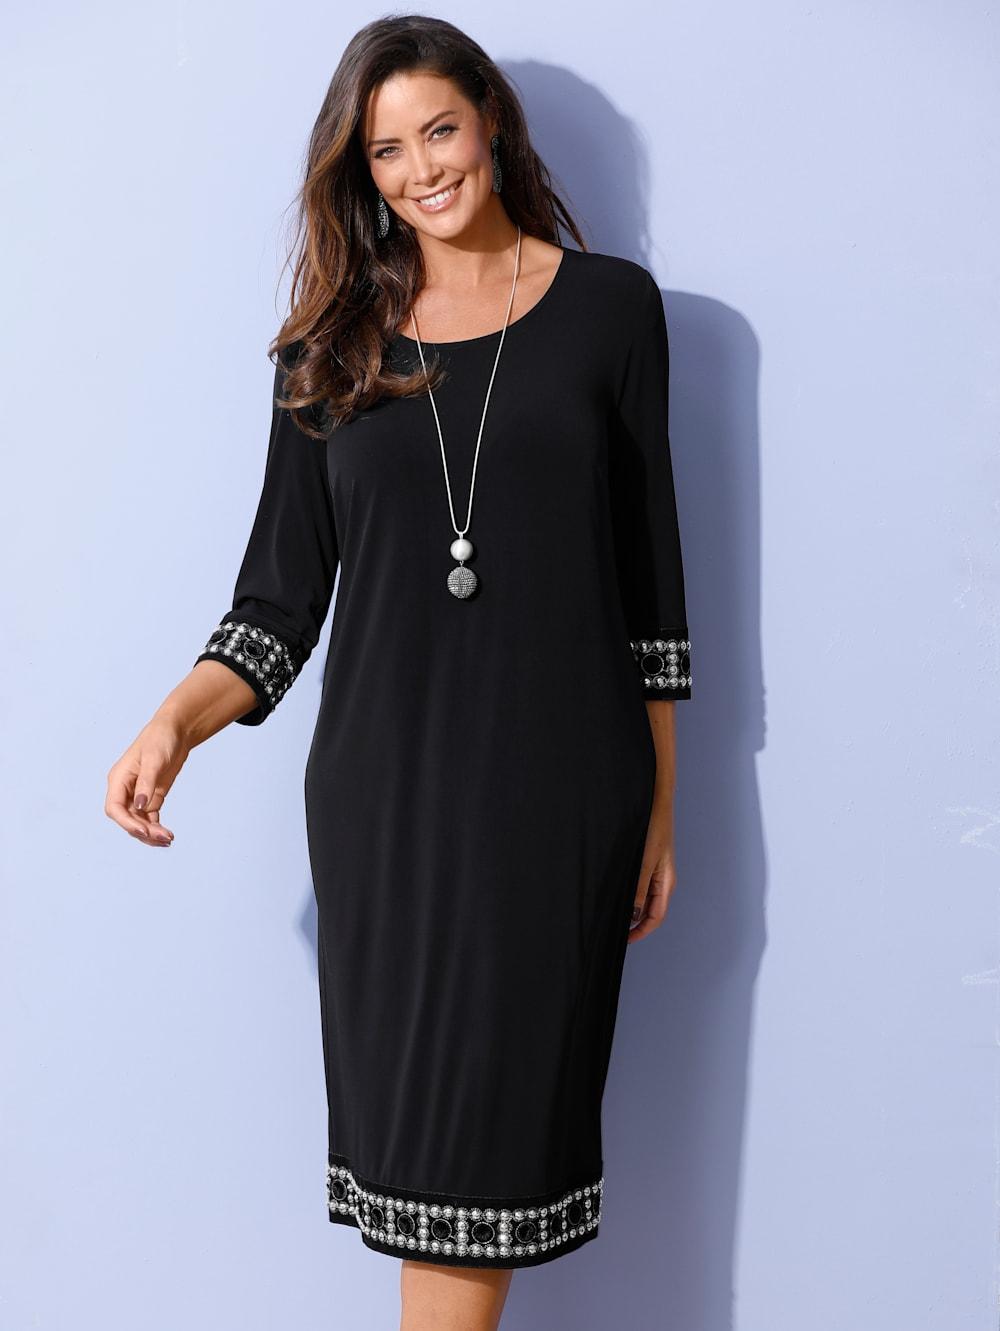 MIAMODA Kleid mit aufwändiger Bordüre an Ärmeln und Saum  Klingel